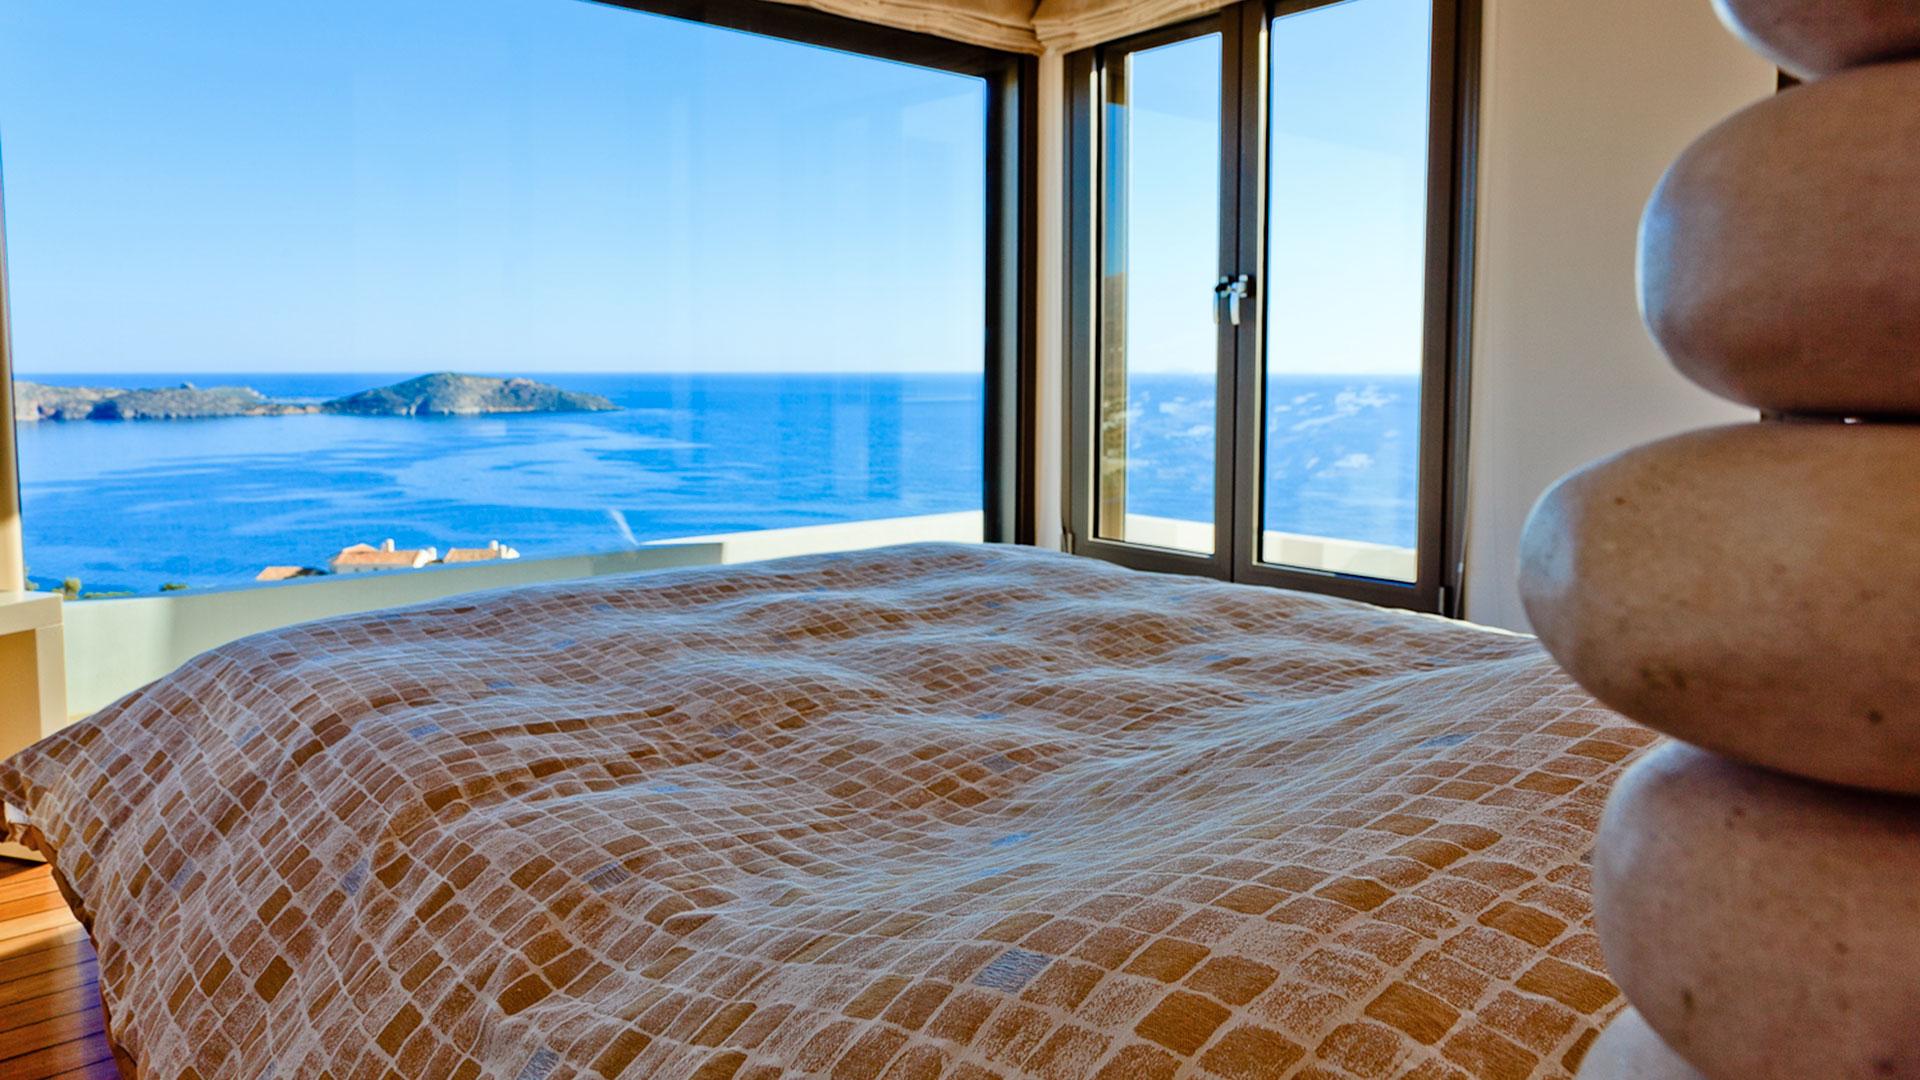 ... Location Villa De Luxe Crete, Villa Avec Piscine Privée à Proximité Du  Bord De Mer ...